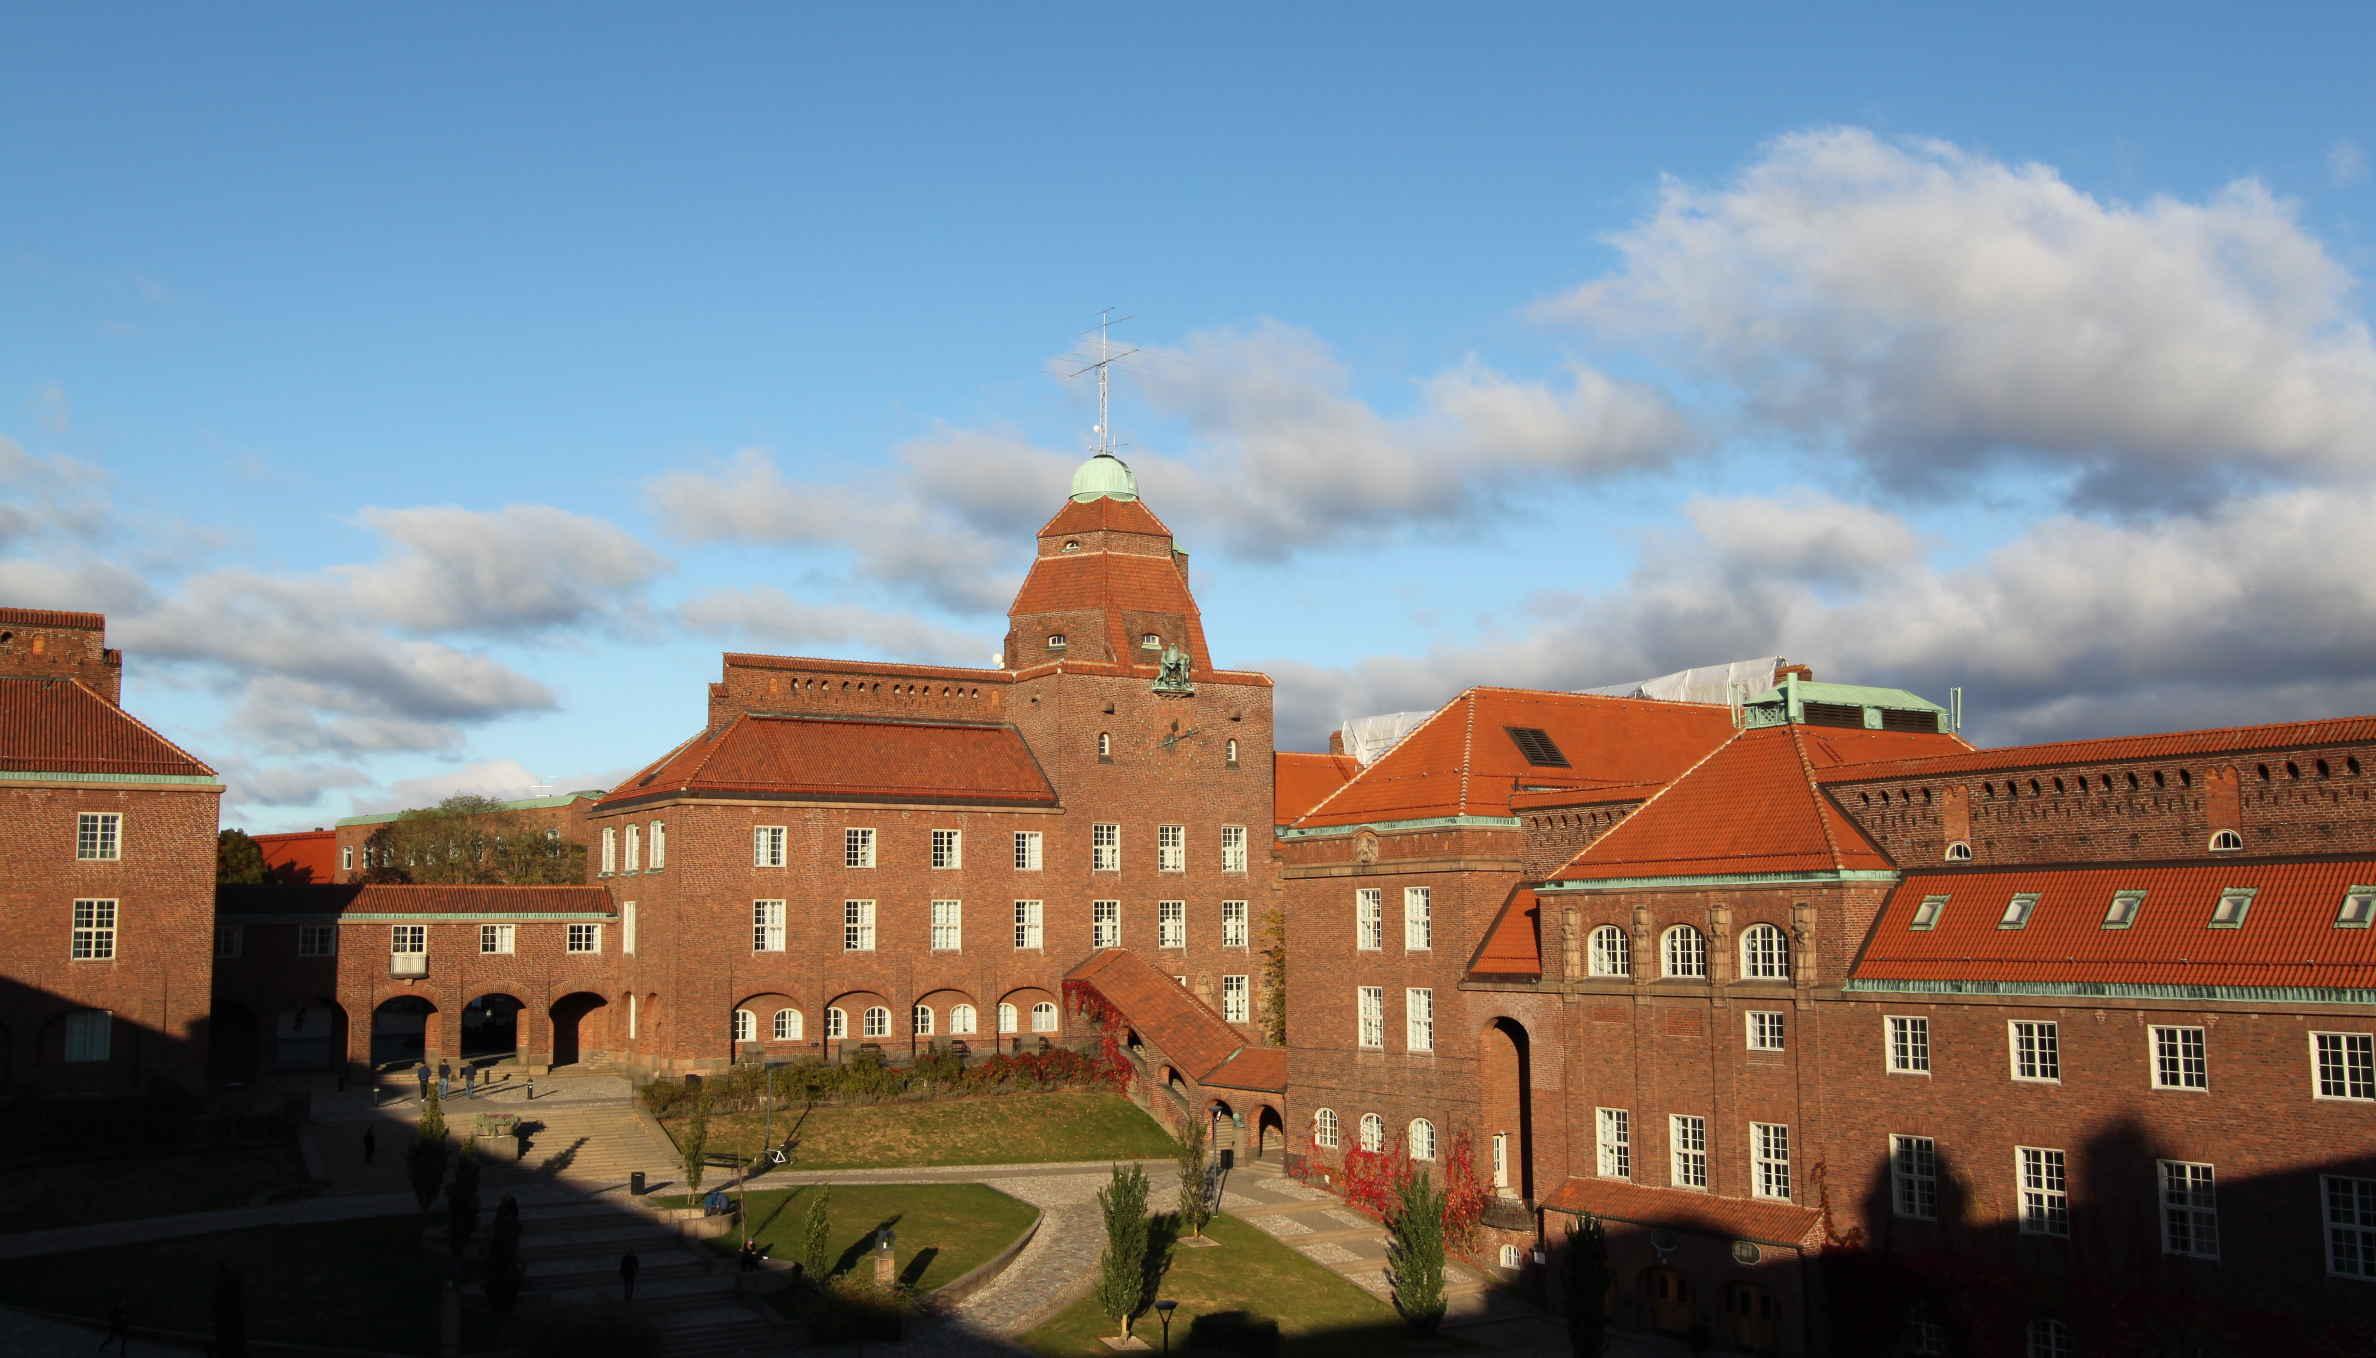 KTH campus